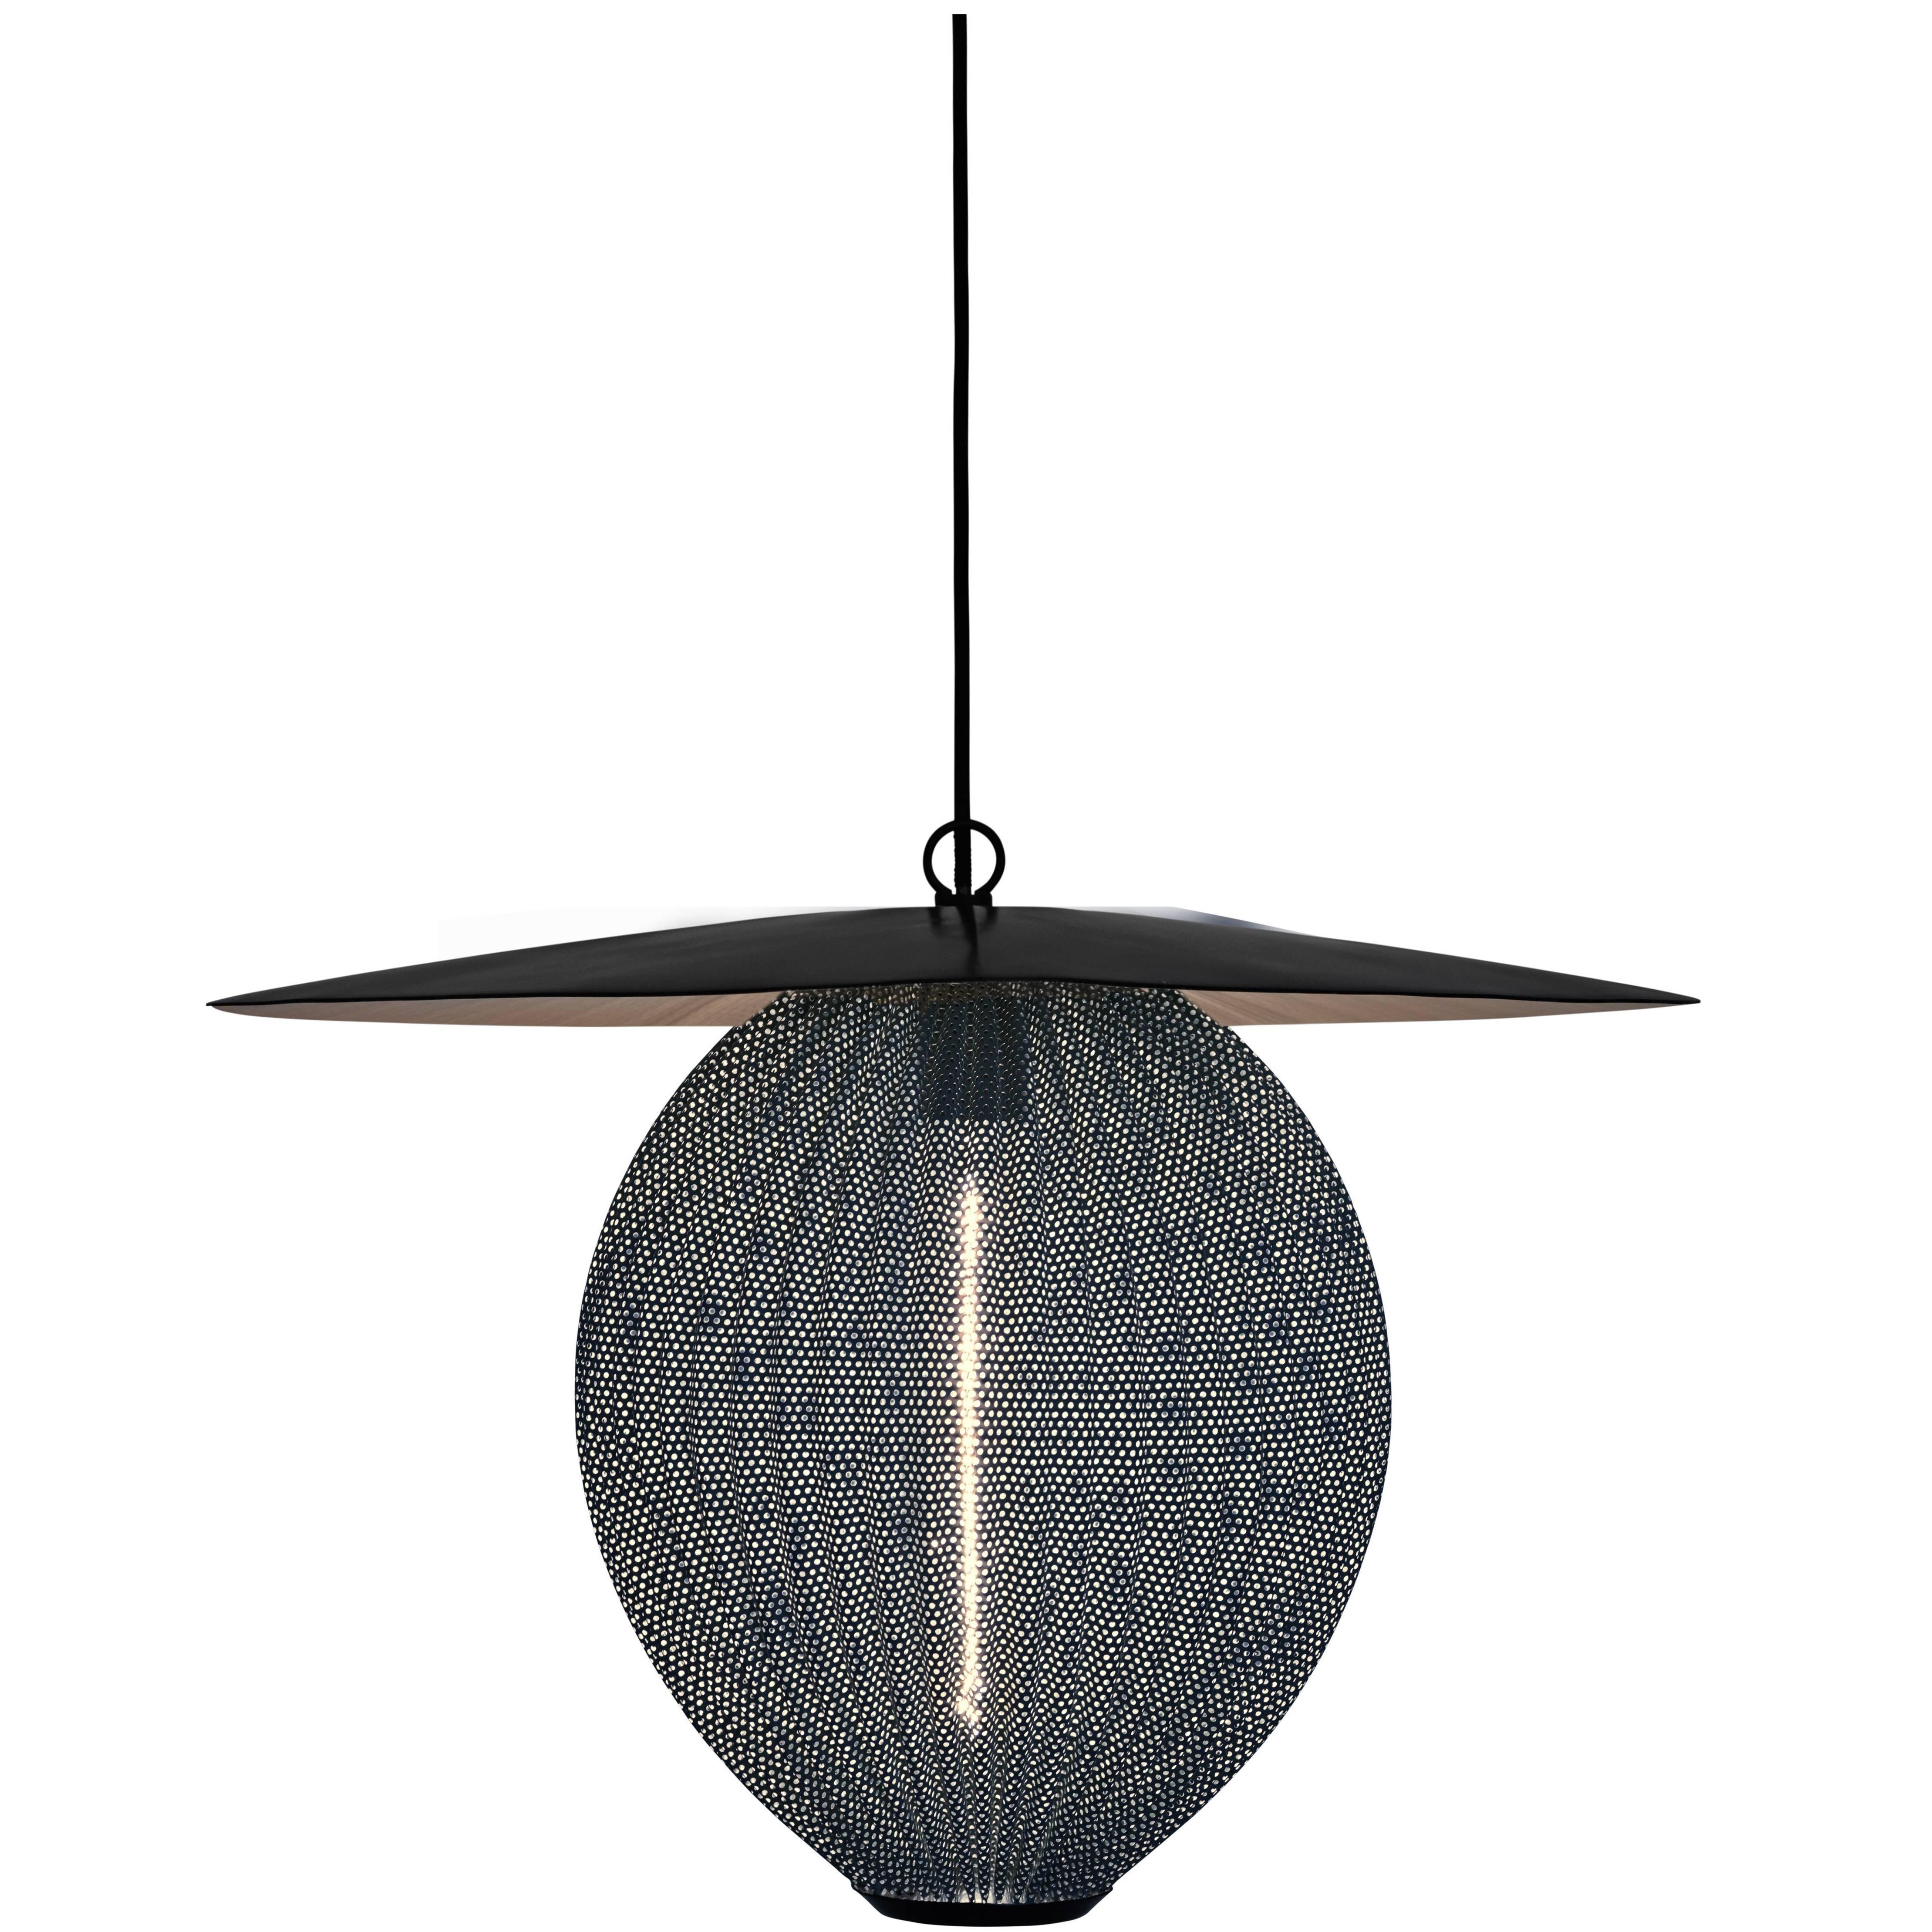 Large Mathieu Matégot 'Satellite' Pendant in Black and Grey Metal